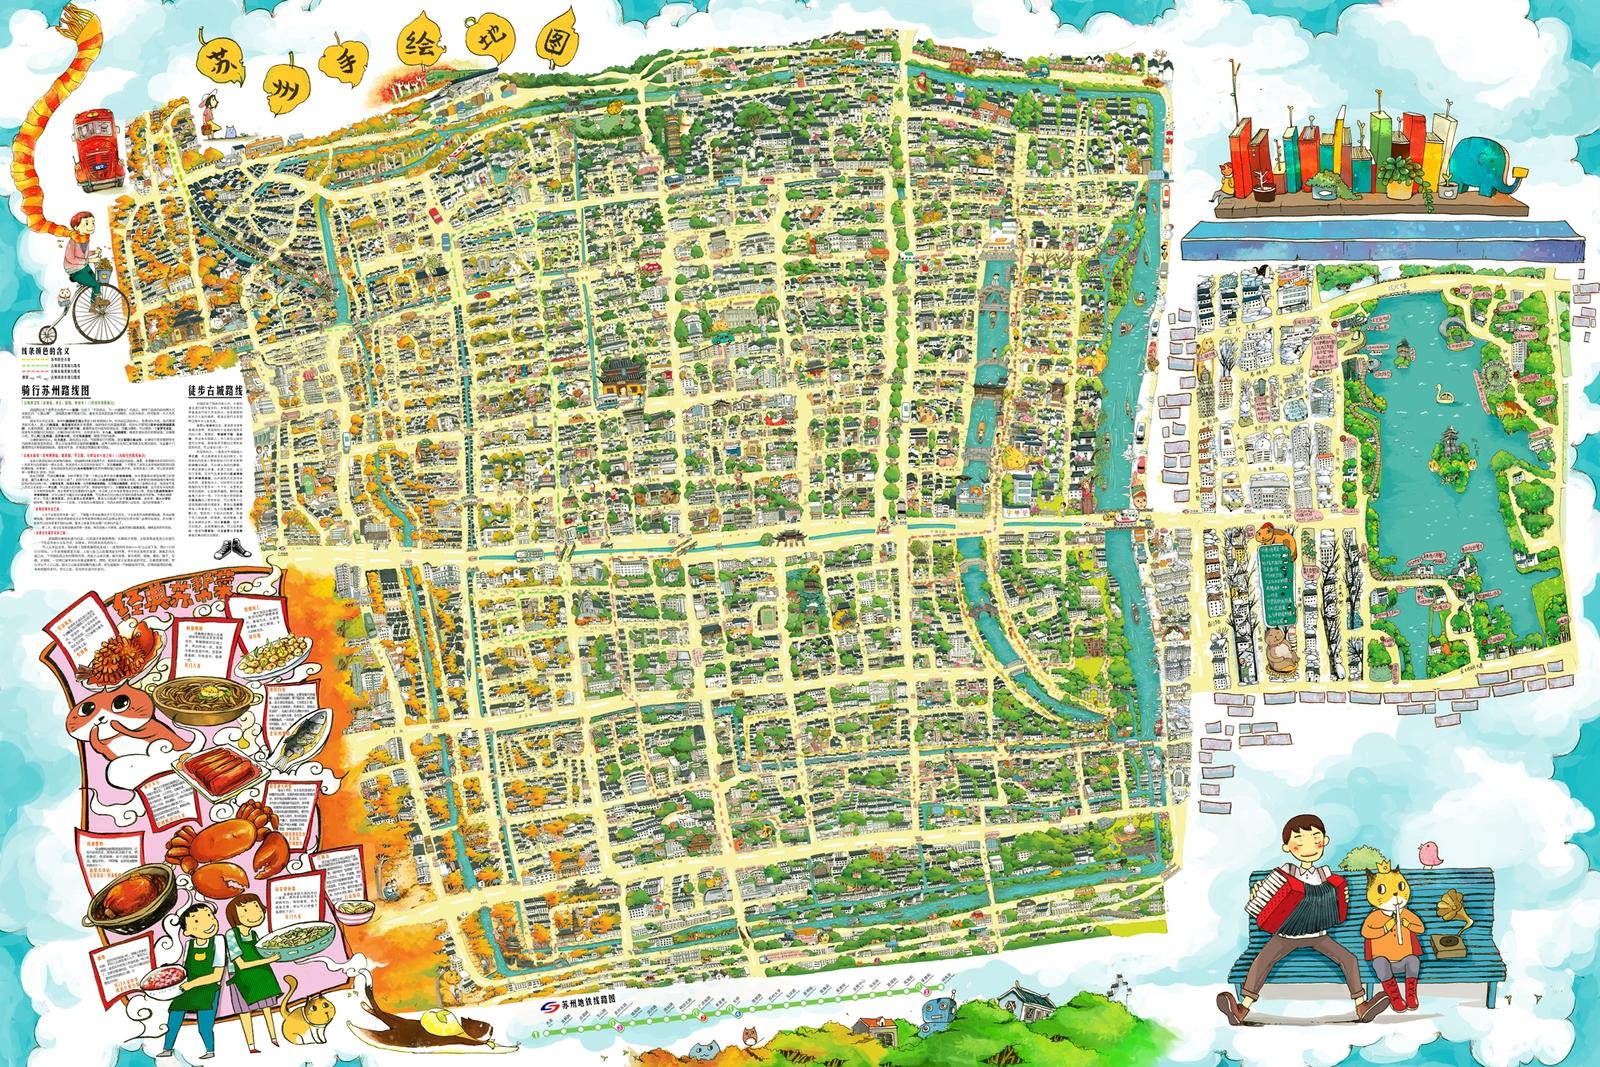 苏州手绘地图|插画|商业插画|miao9 - 原创作品